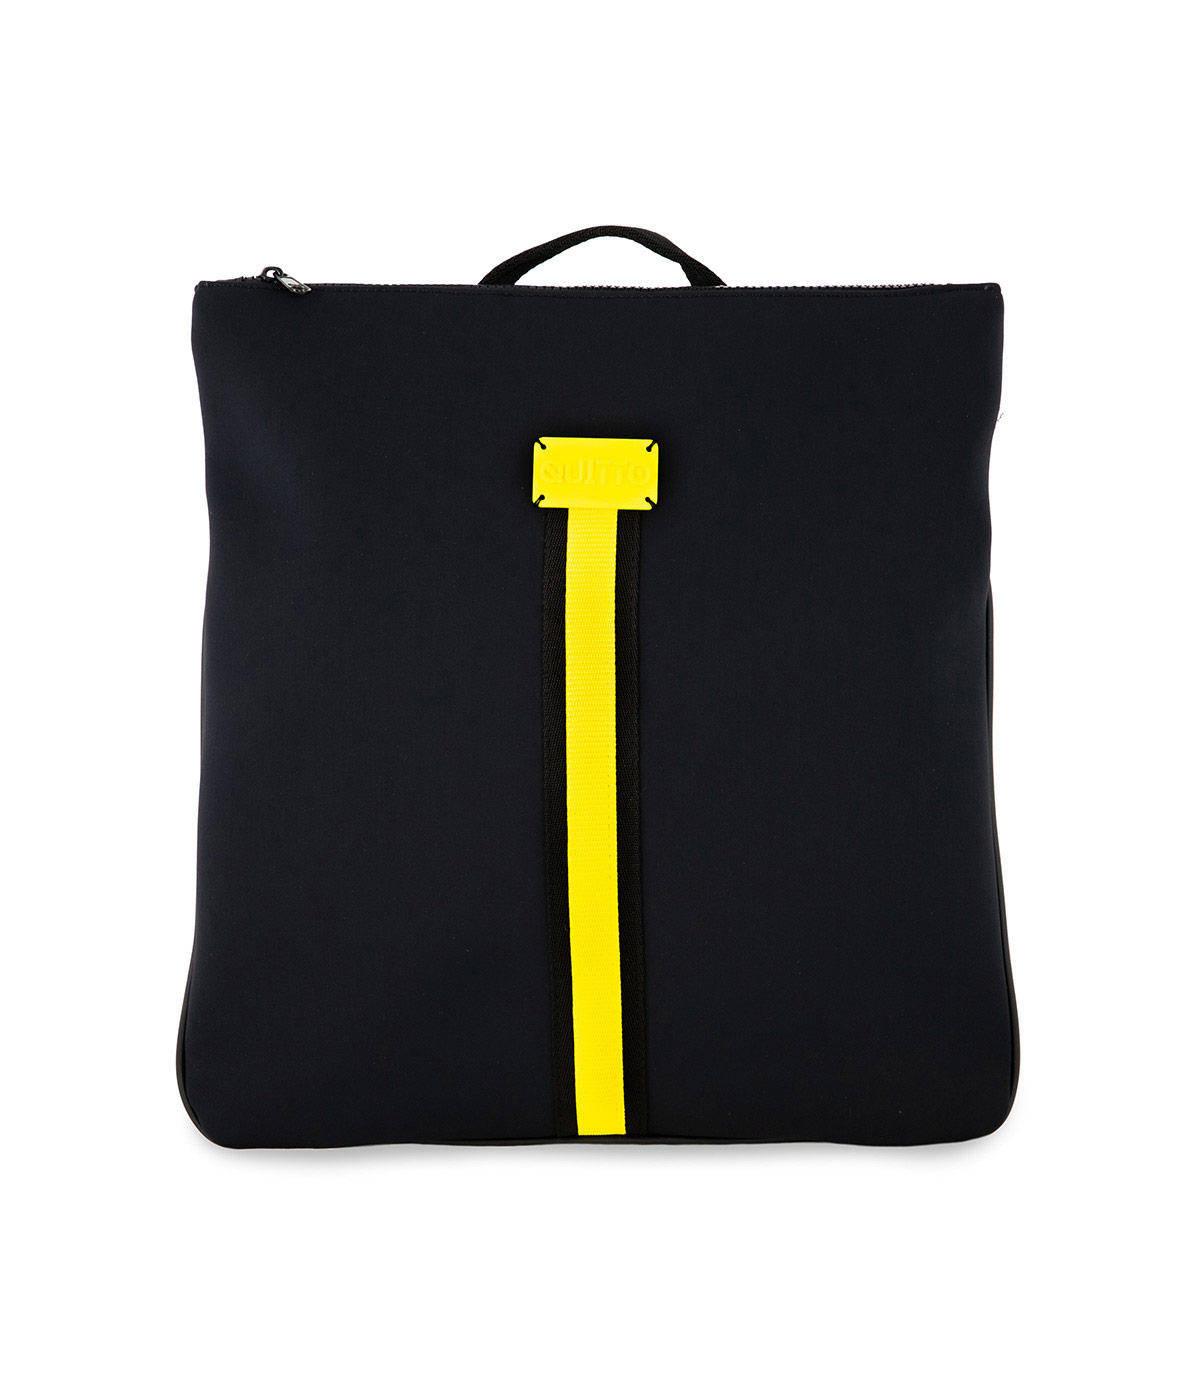 Zaino Basic Neoprene Impermeabile Nero Quitto Bags